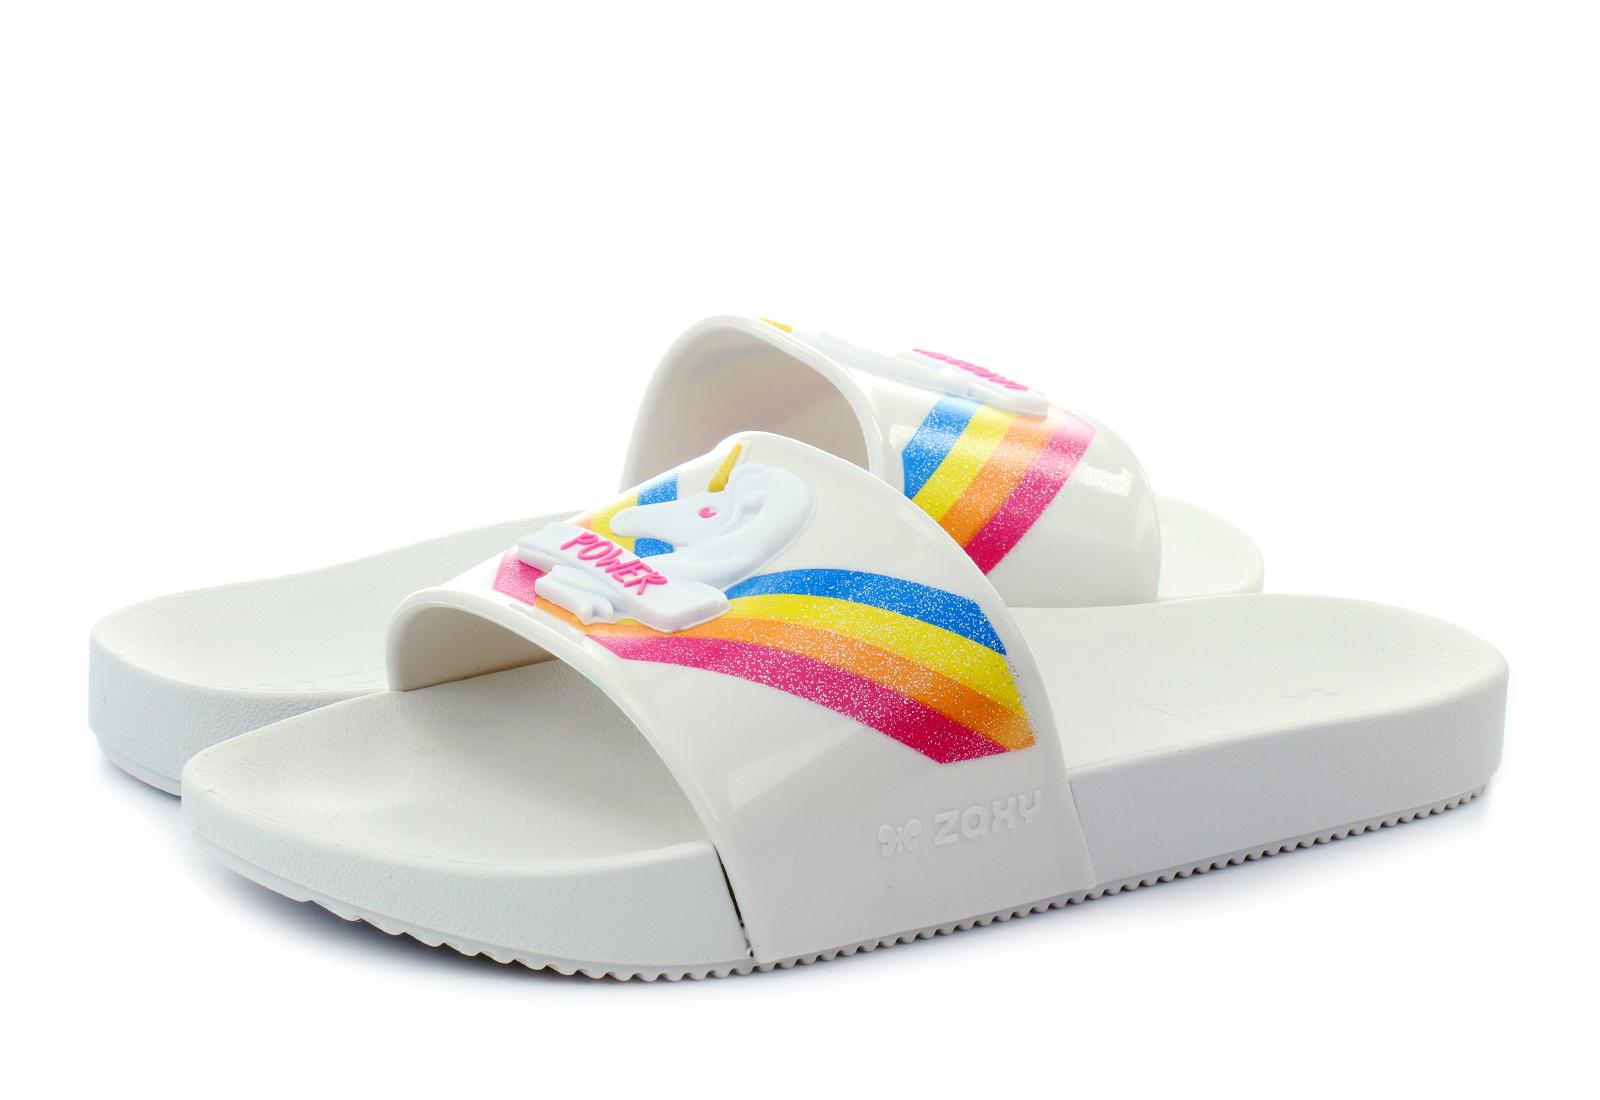 745f96ec58 Zaxy Papucs - Snap Slide - 17333-90817 - Office Shoes Magyarország